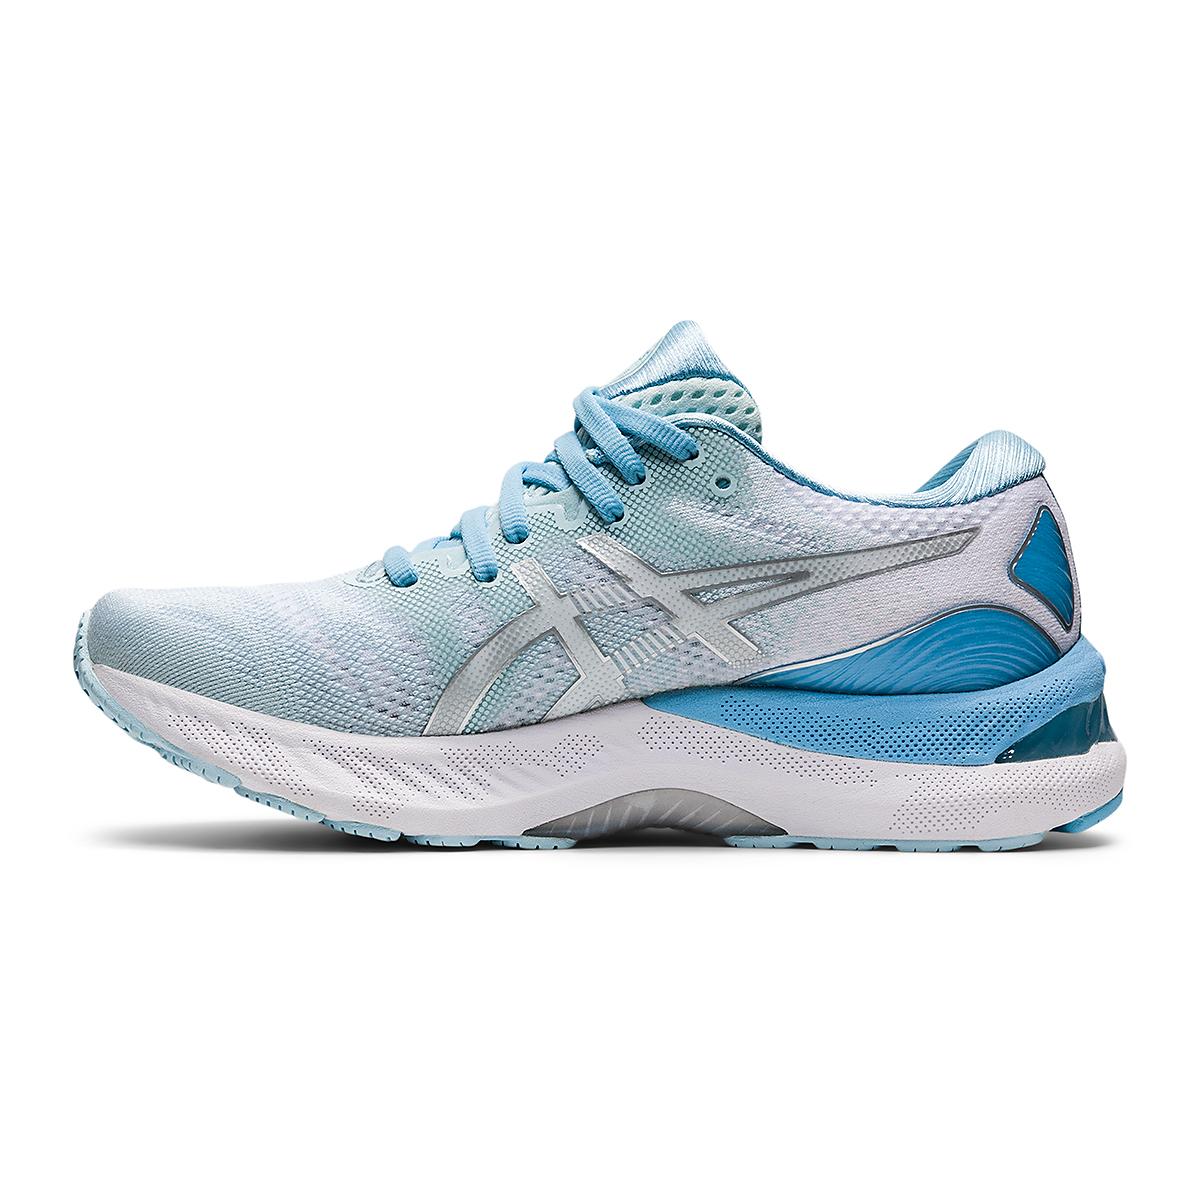 Women's Asics Gel-Nimbus 23 Running Shoe - Color: Aqua Angel/Pure - Size: 5 - Width: Regular, Aqua Angel/Pure, large, image 2